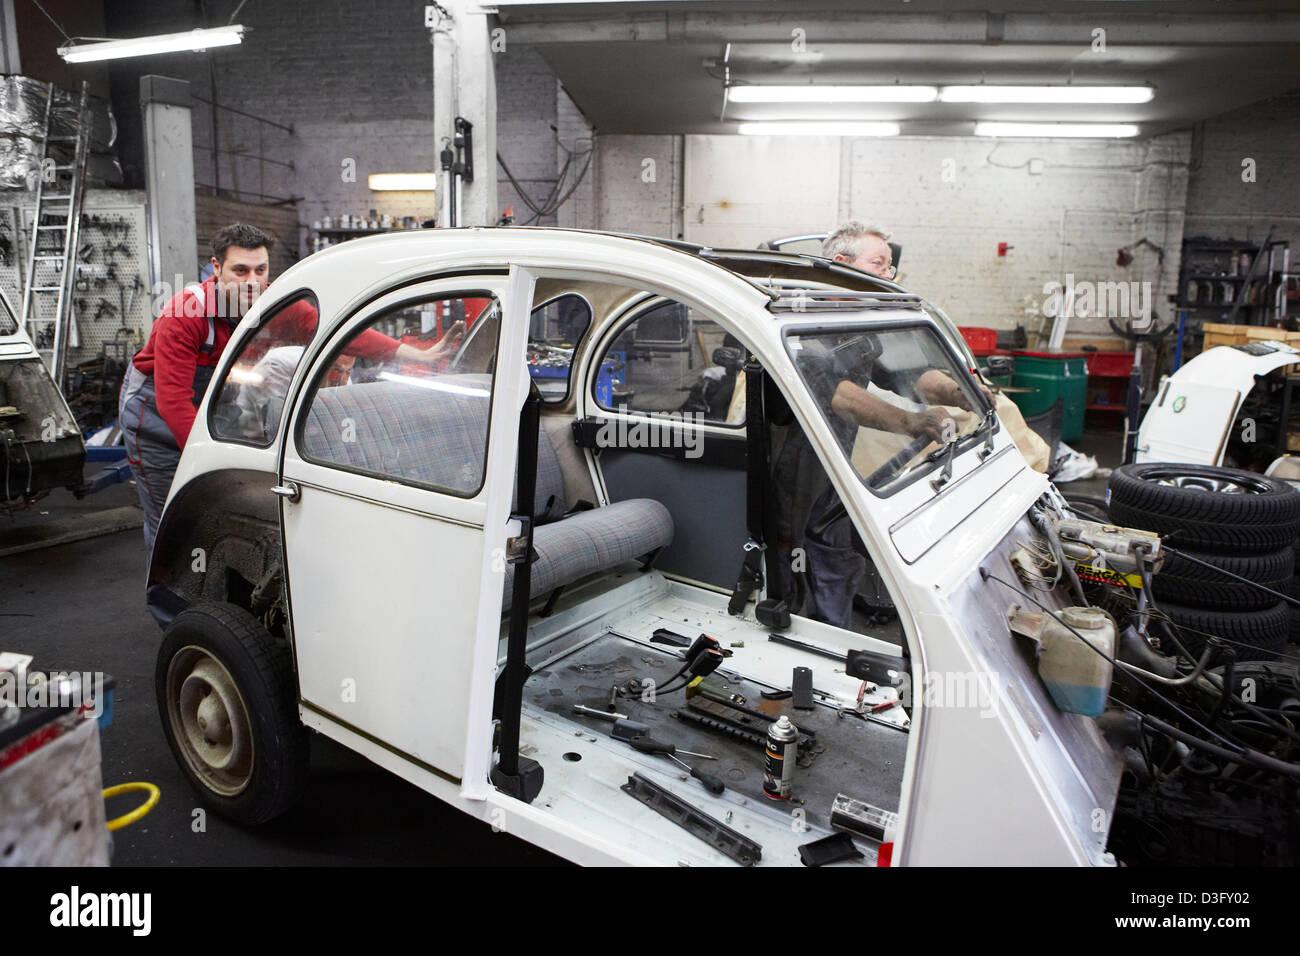 Kfz-Mechaniker bei der Arbeit in ihrer Autowerkstatt Stockfoto, Bild ...